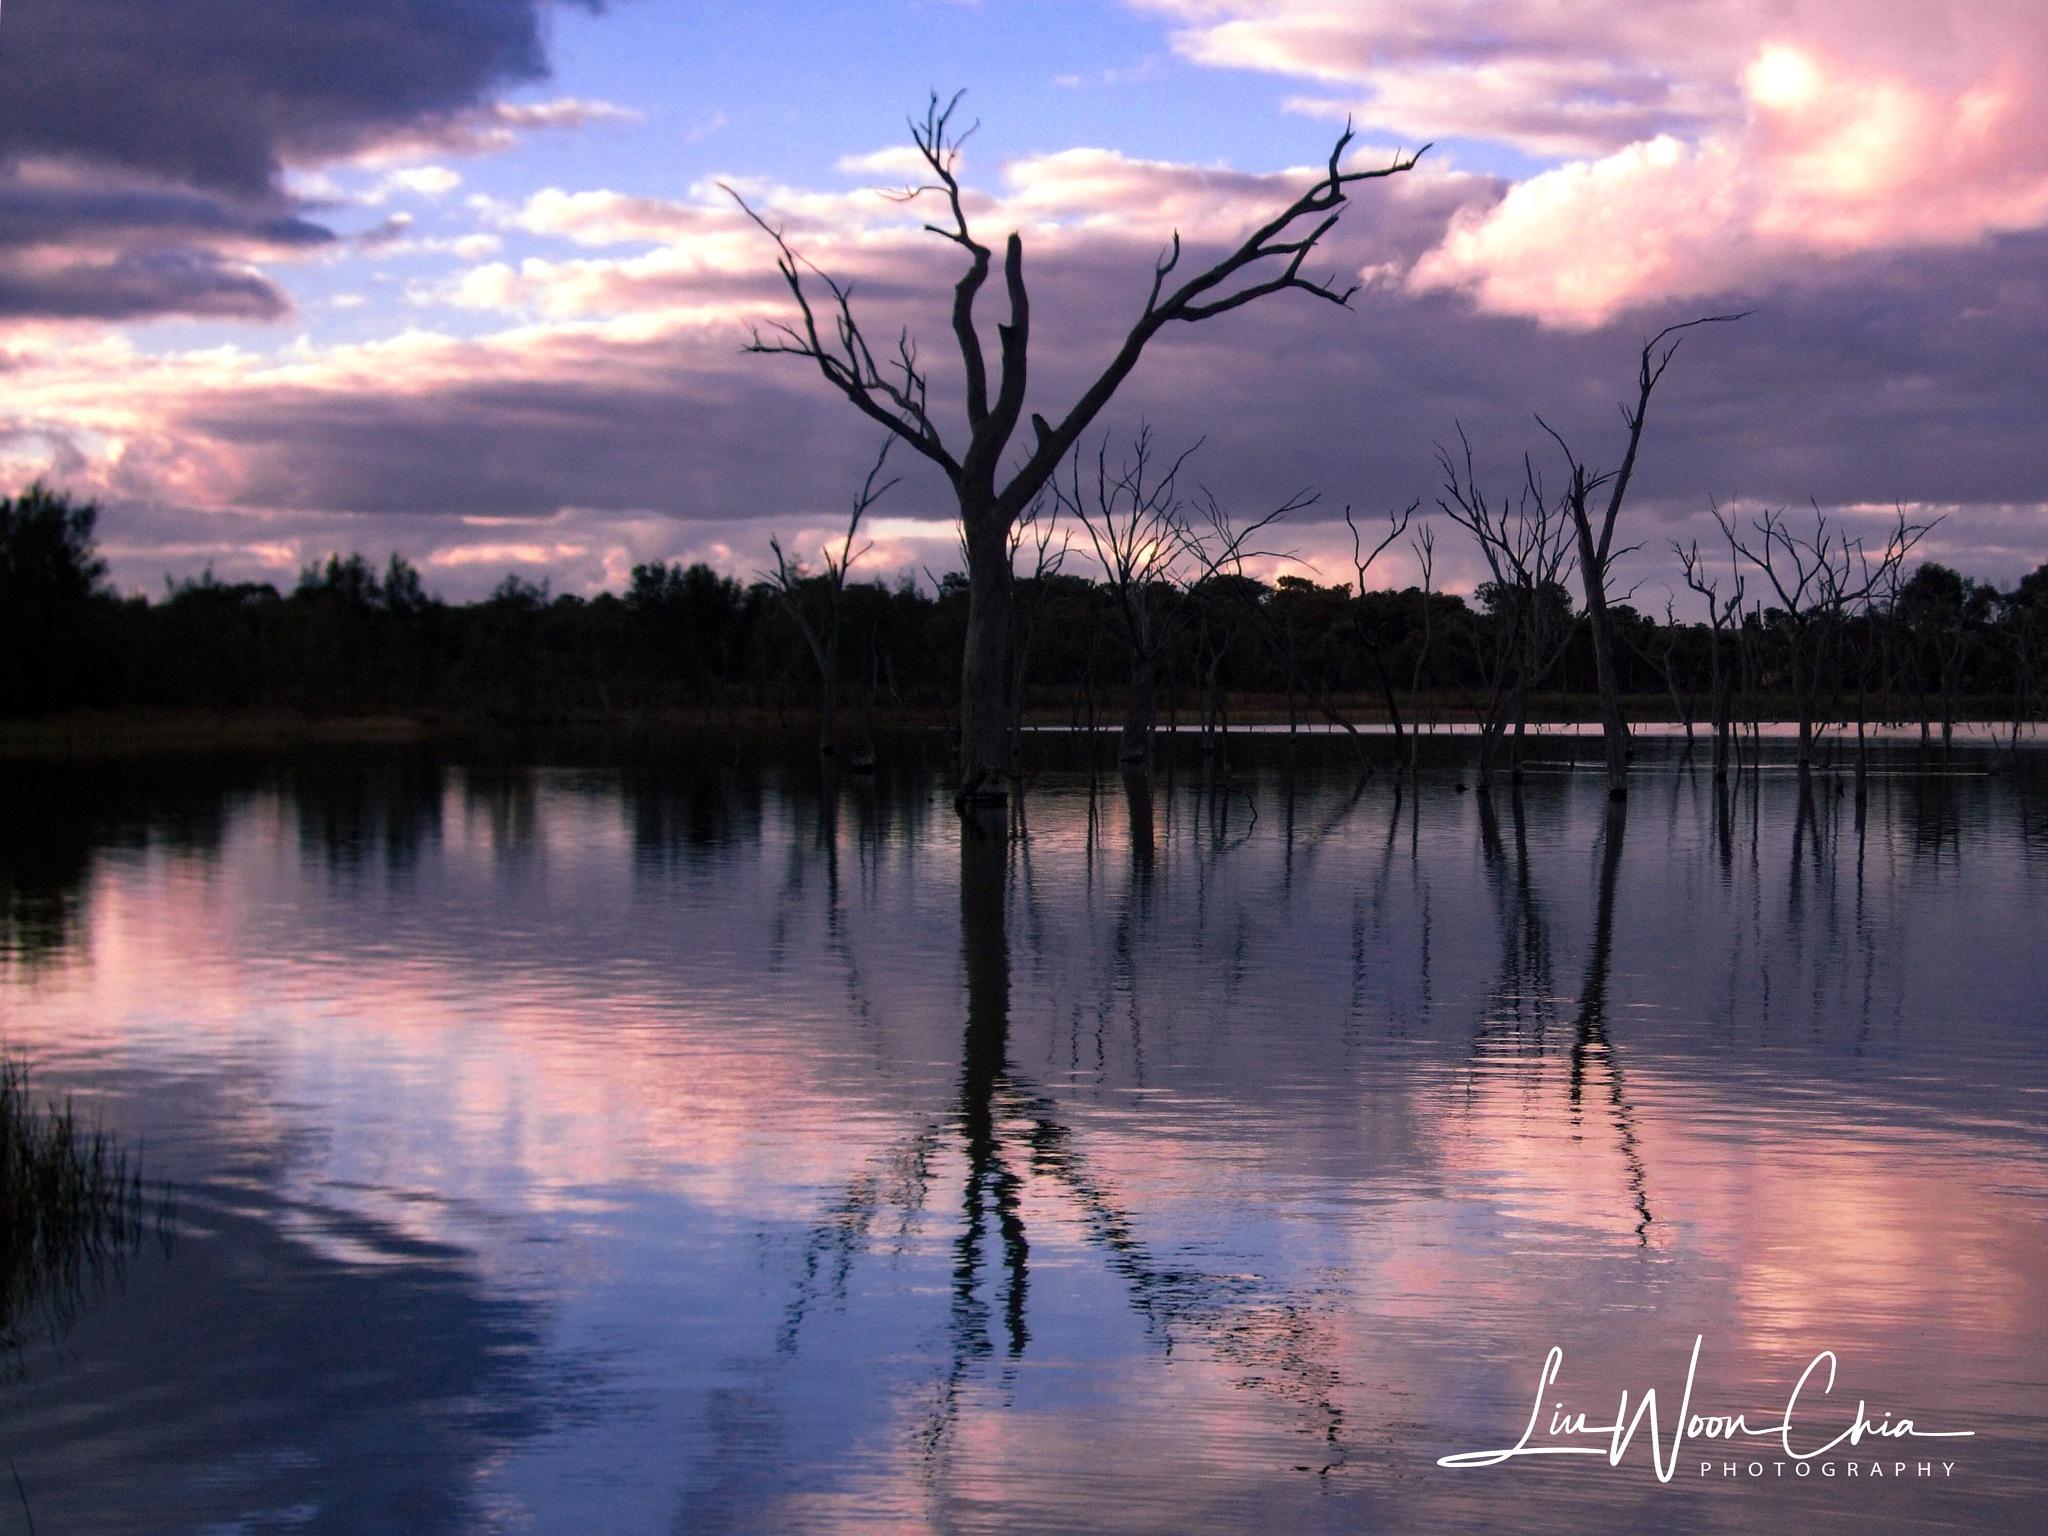 Lone tree with companions by Woon Chia Liu 🇸🇬